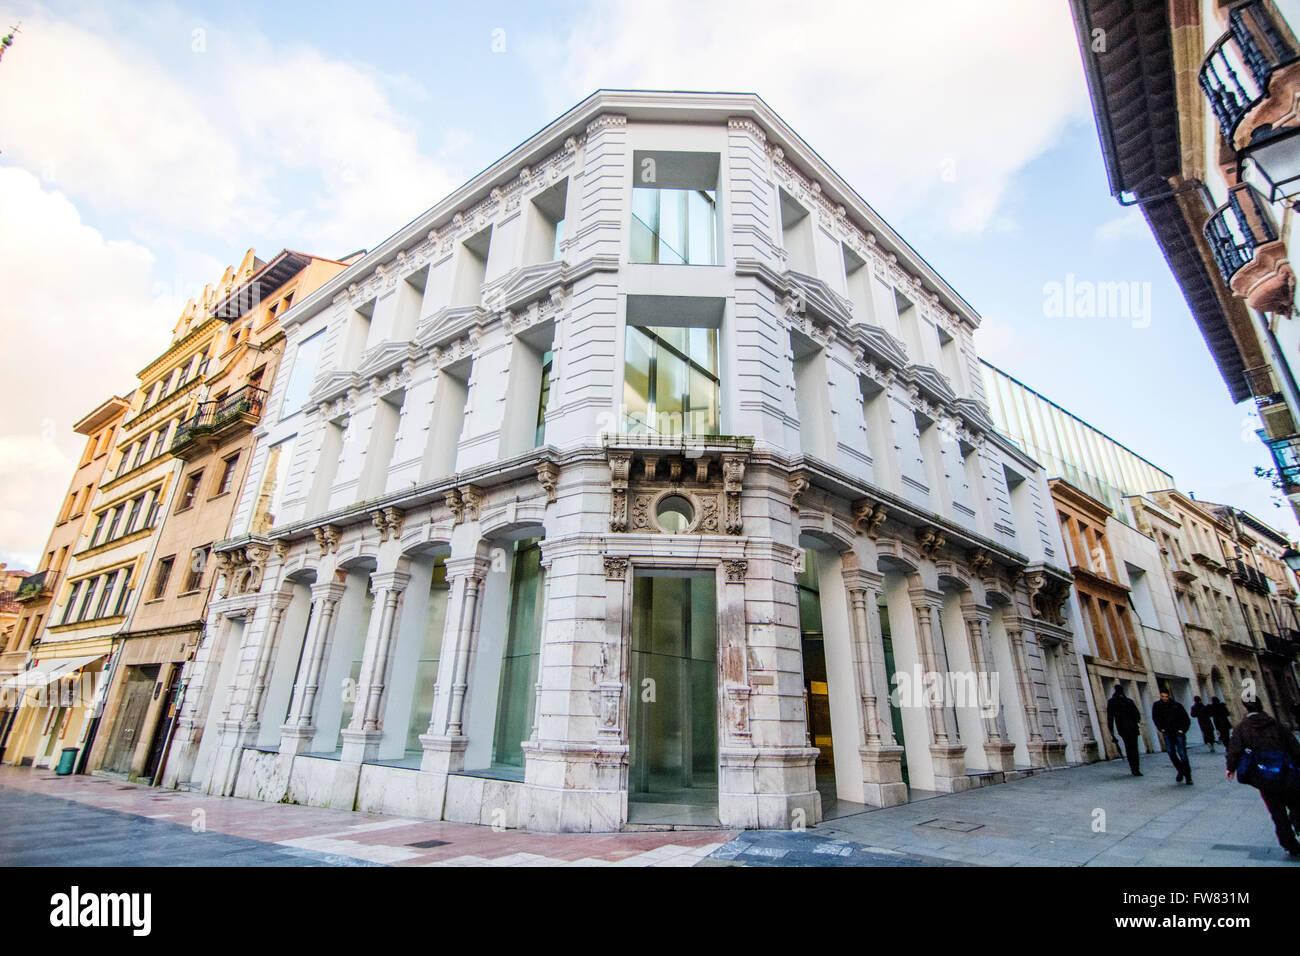 Oviedo, Espagne. 31 mars, 2016. En dehors du musée lors de la réouverture du Musée des beaux-arts Photo Stock